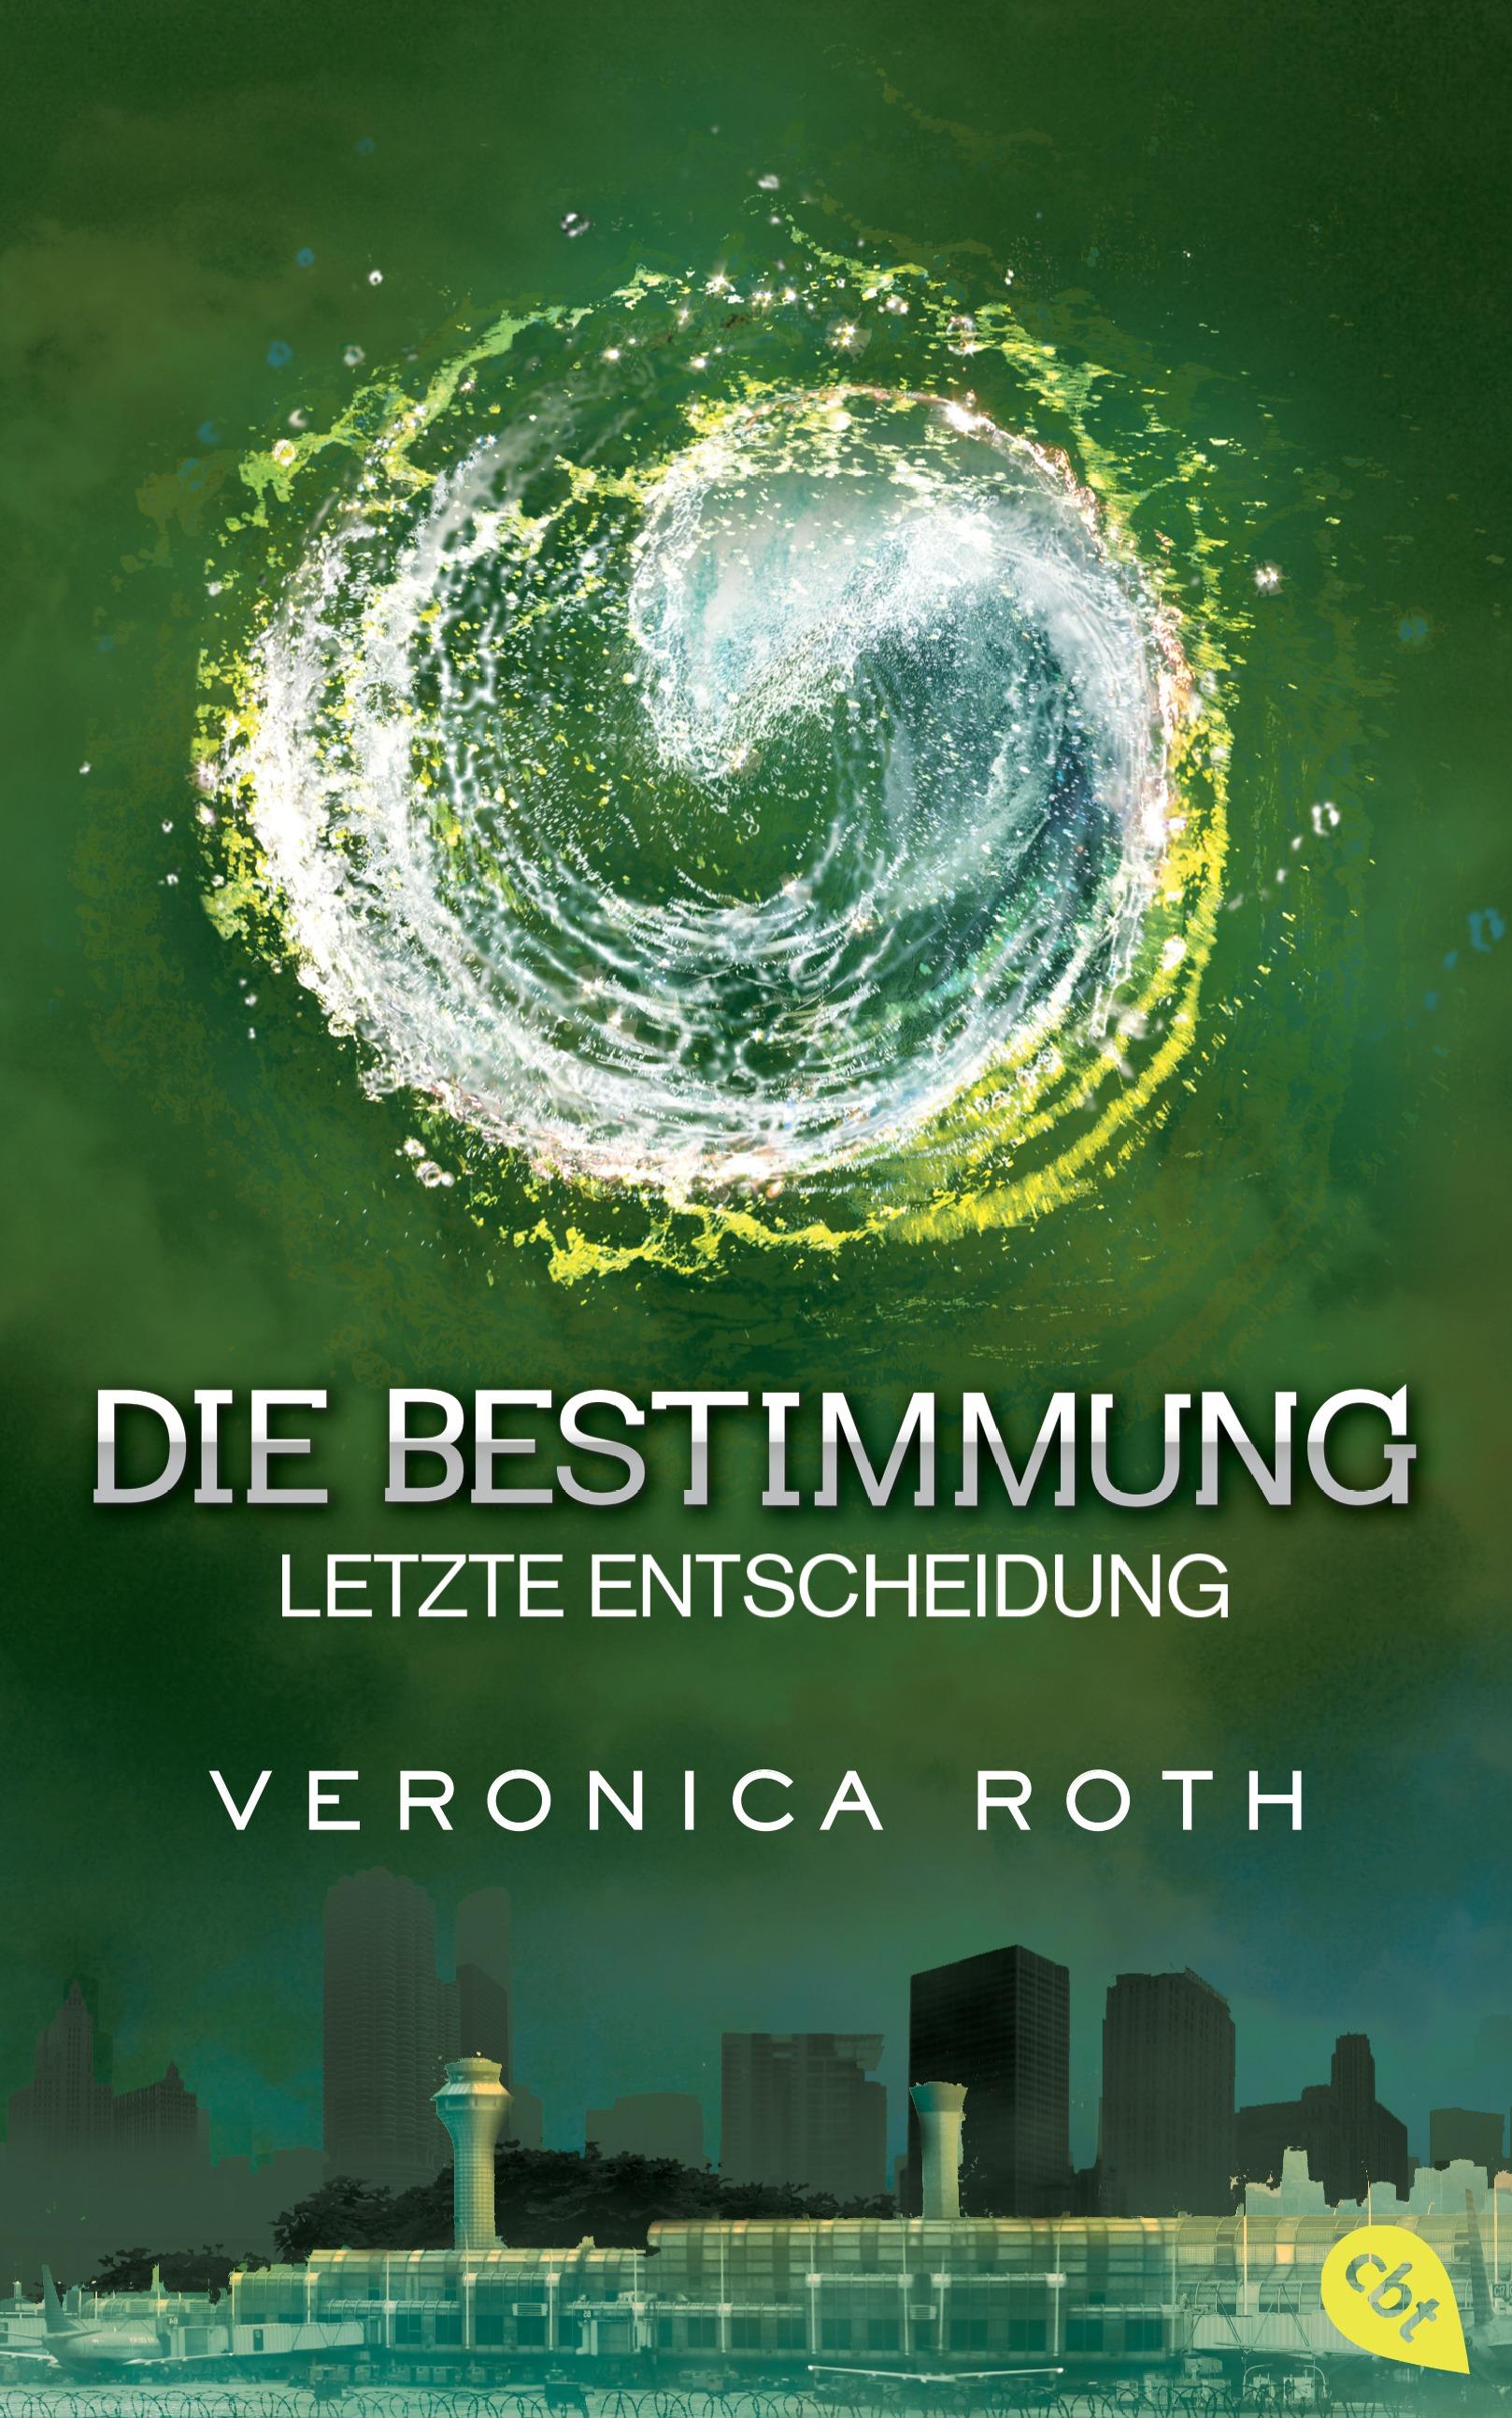 Die Bestimmung - Band 3: Letzte Entscheidung - Veronica Roth [Gebundene Ausgabe]